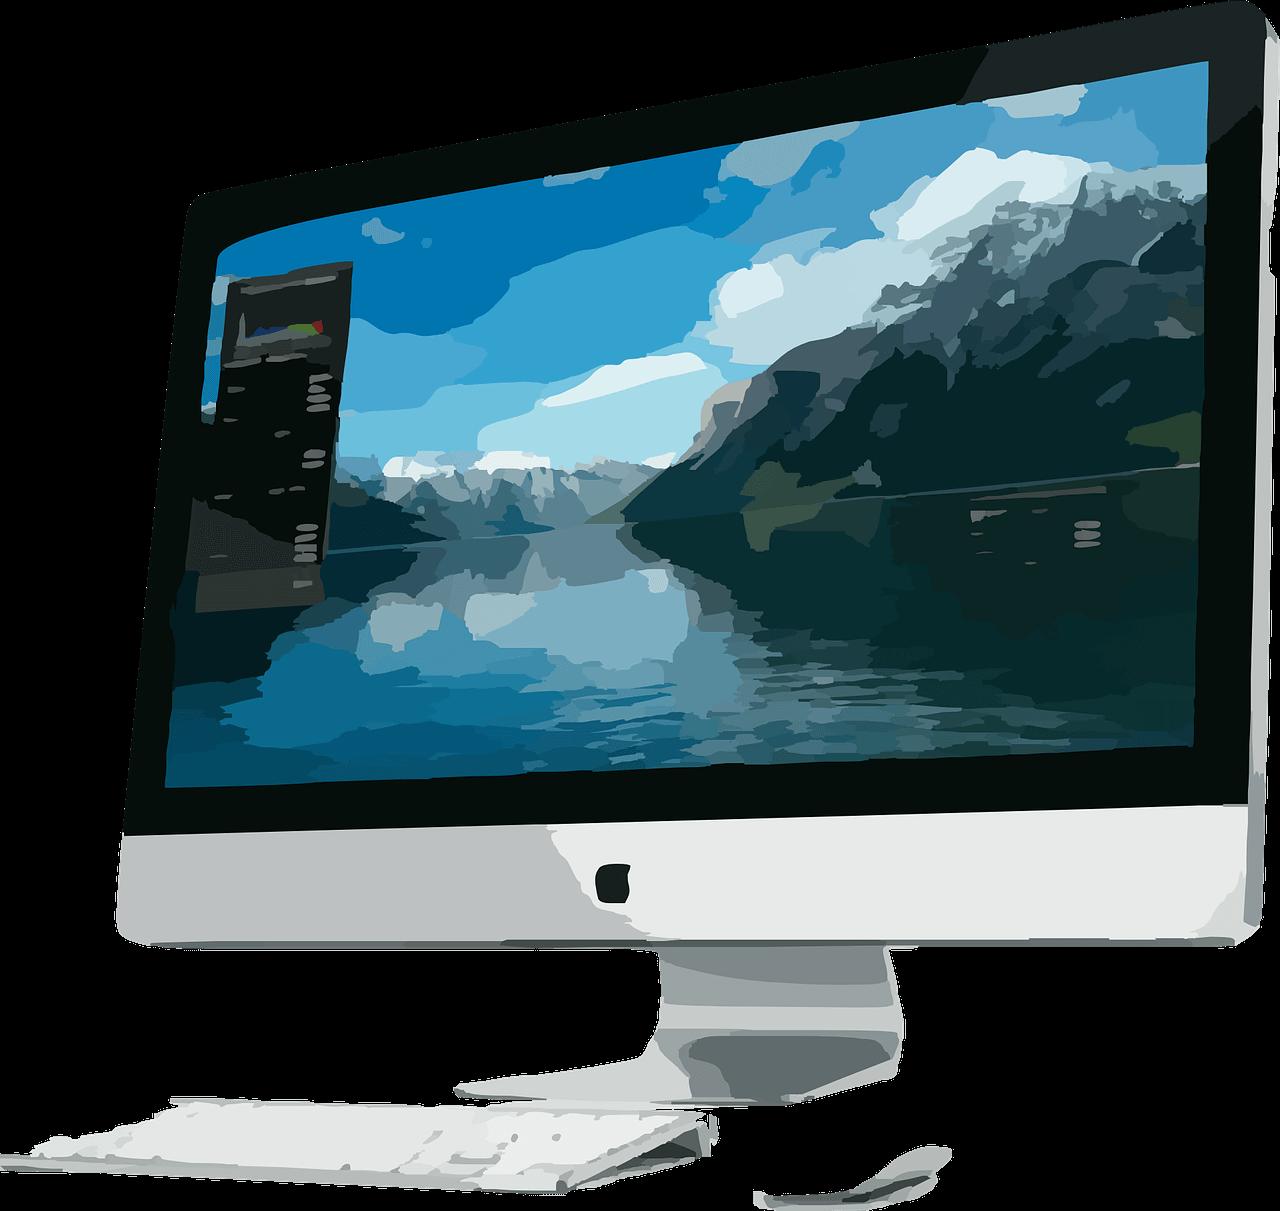 Consejos para limpiar la pantalla del ordenador (monitor, portátil, LCD, iPhone, iPad) 1